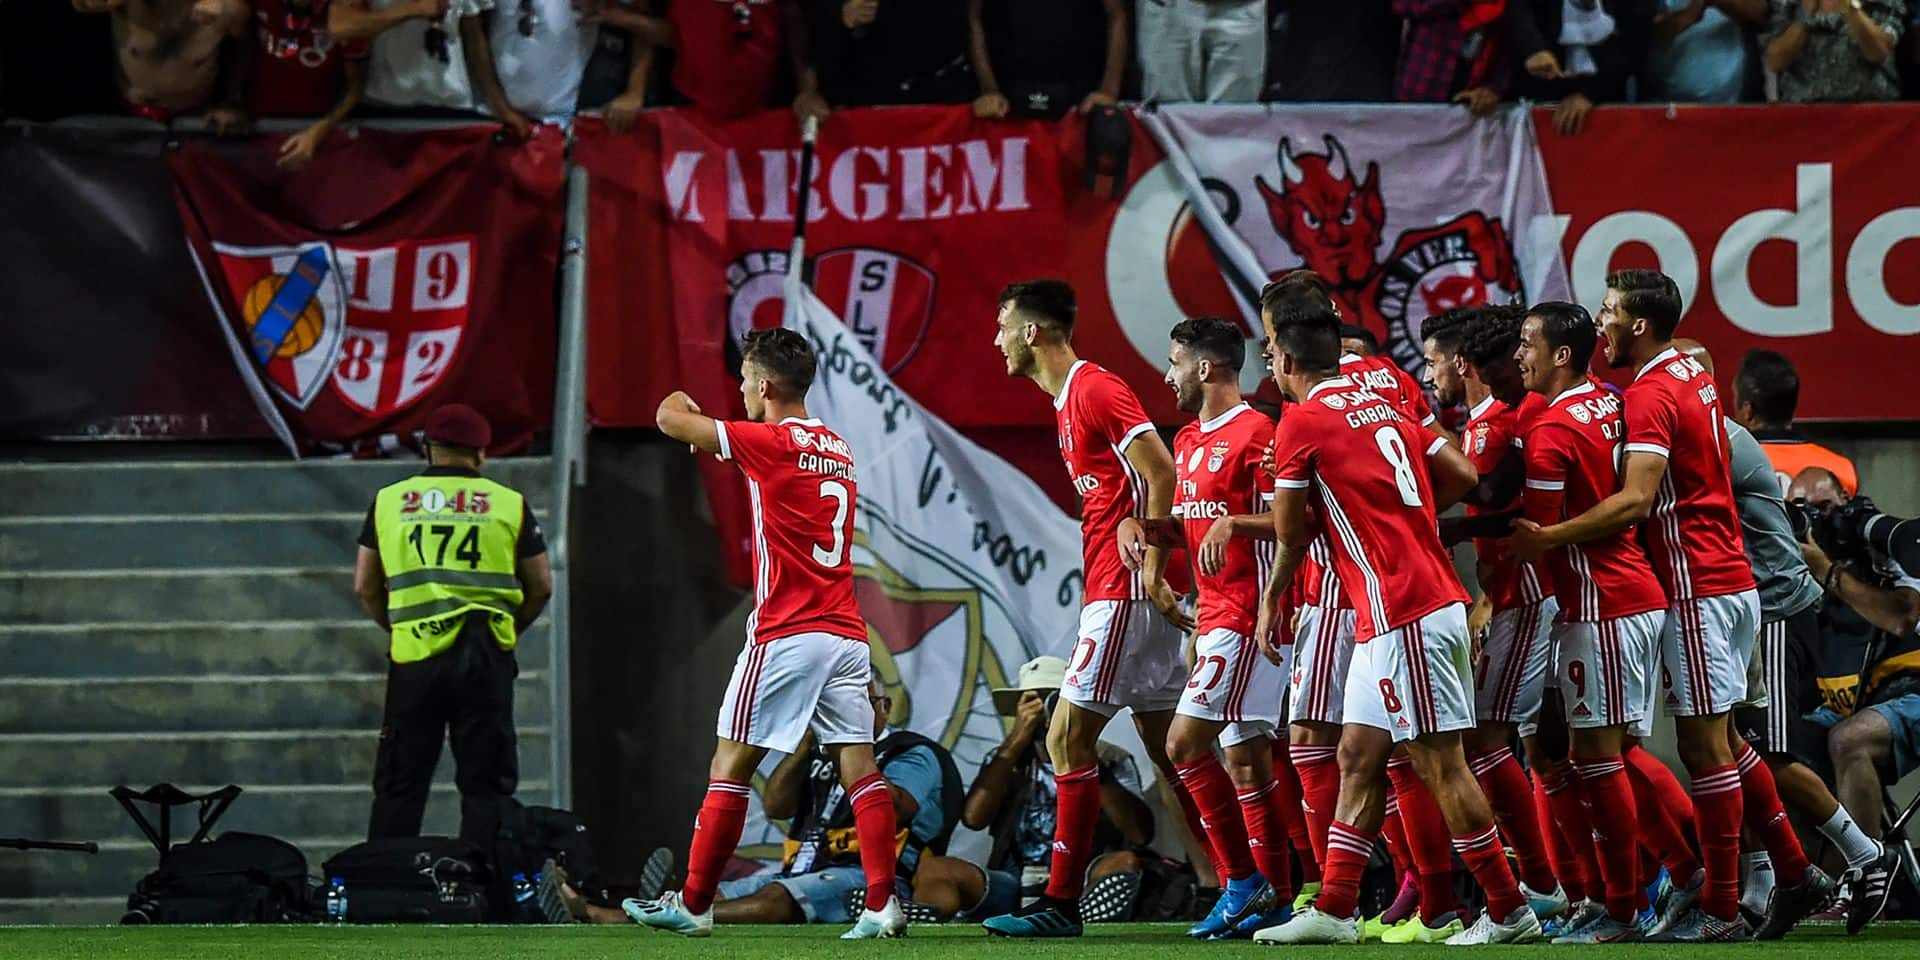 Benfica Corrige Le Sporting Et Remporte La Supercoupe Du